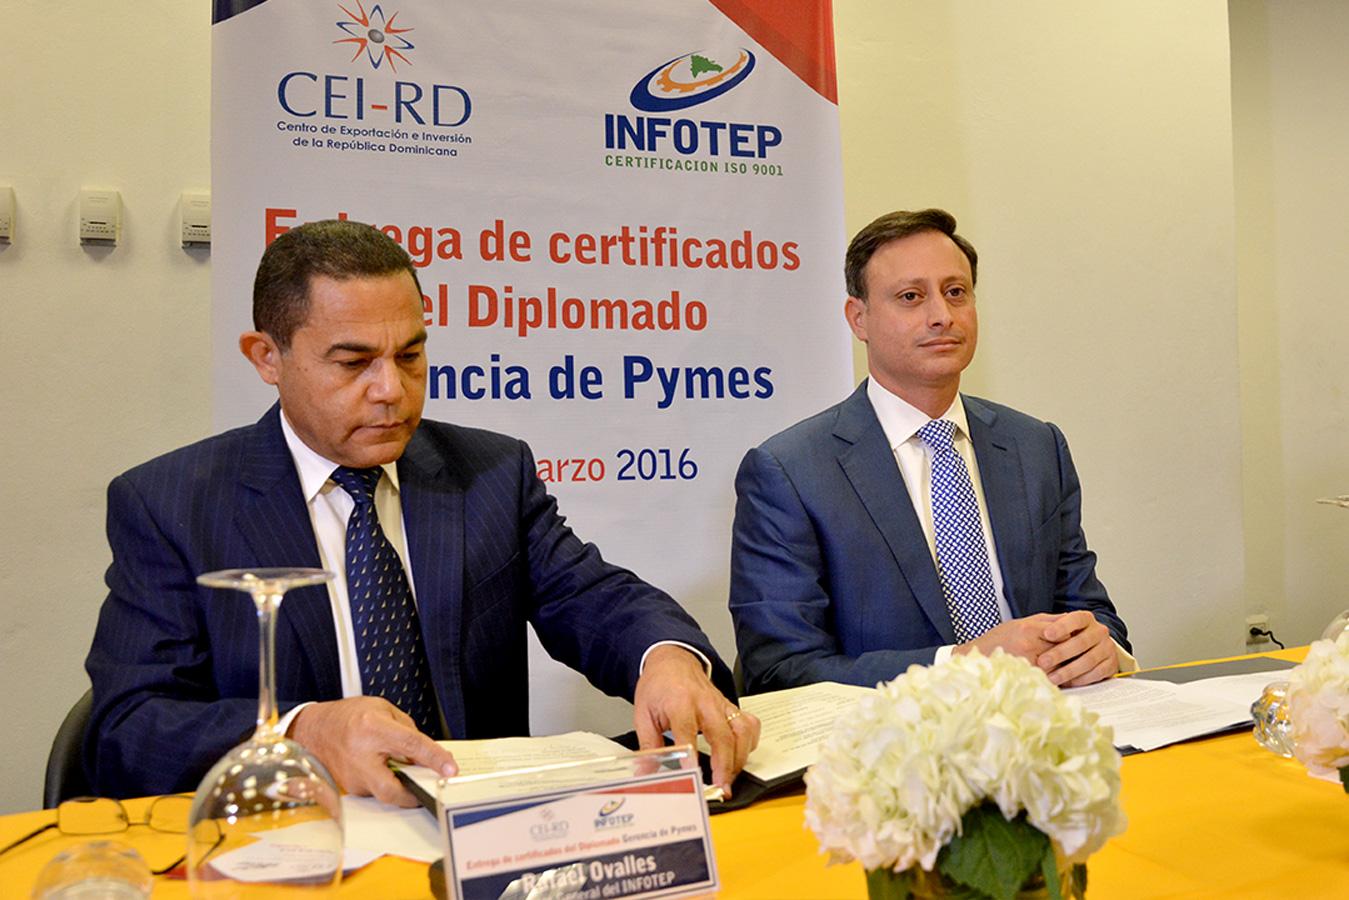 Rafael Ovalles y Jean Alain Rodríguez, durante la culminación del diplomado organizado por el Infotep y el CEI-RD   Gabriel Alcántara